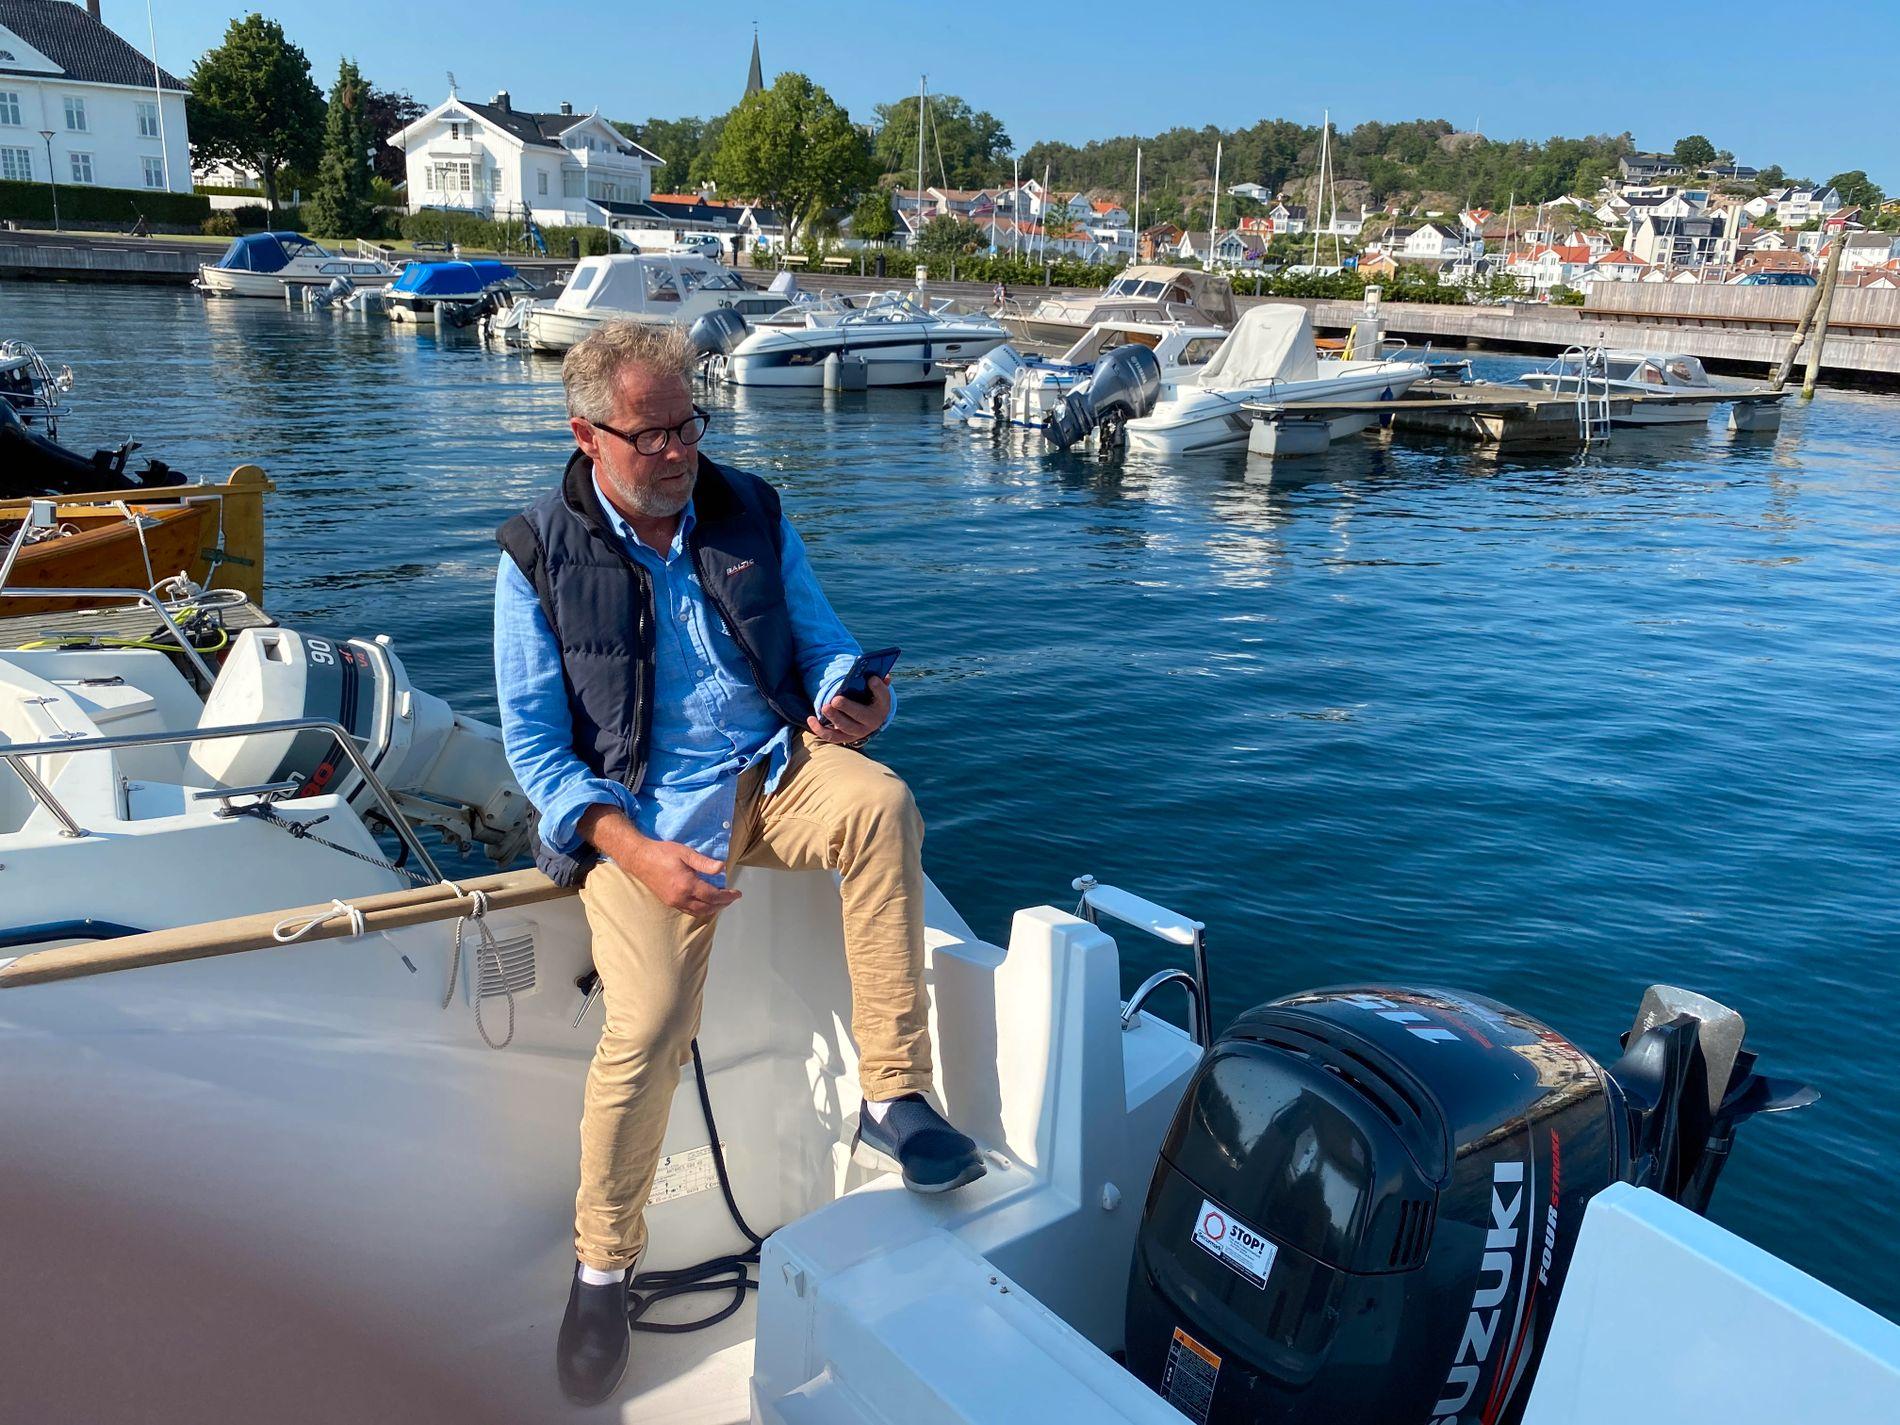 Etter at båten til Richard A. Nordahl ble stjålet i fjor, lastet han ned appen fra Seaber. Det gir en ekstra trygghet, både når han selv er på sjøen, og når båten ligger fortøyd for natten.